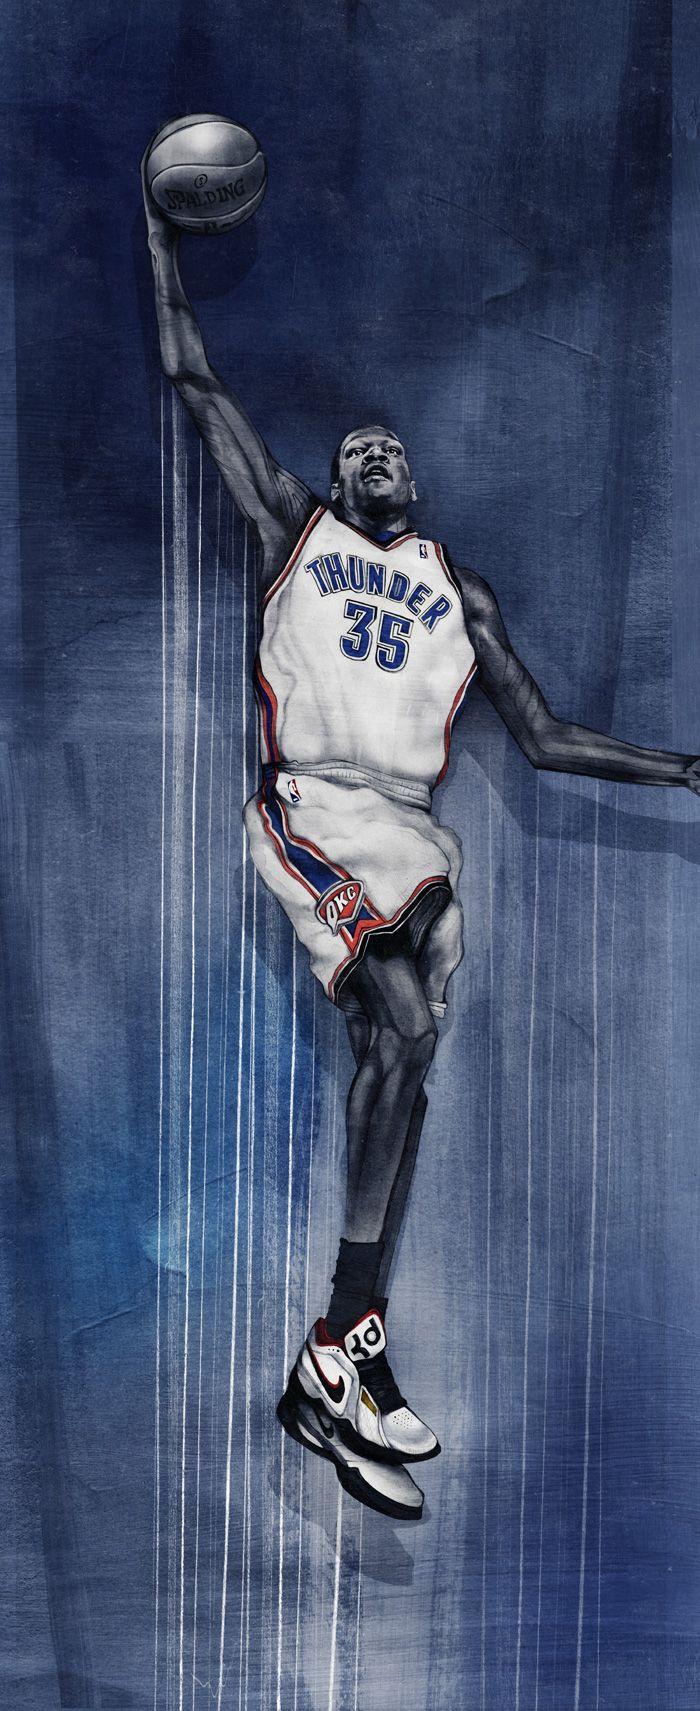 Sarah Blake's Nike Murals...Mural5_Nike_HOH_16_final_crop.jpg